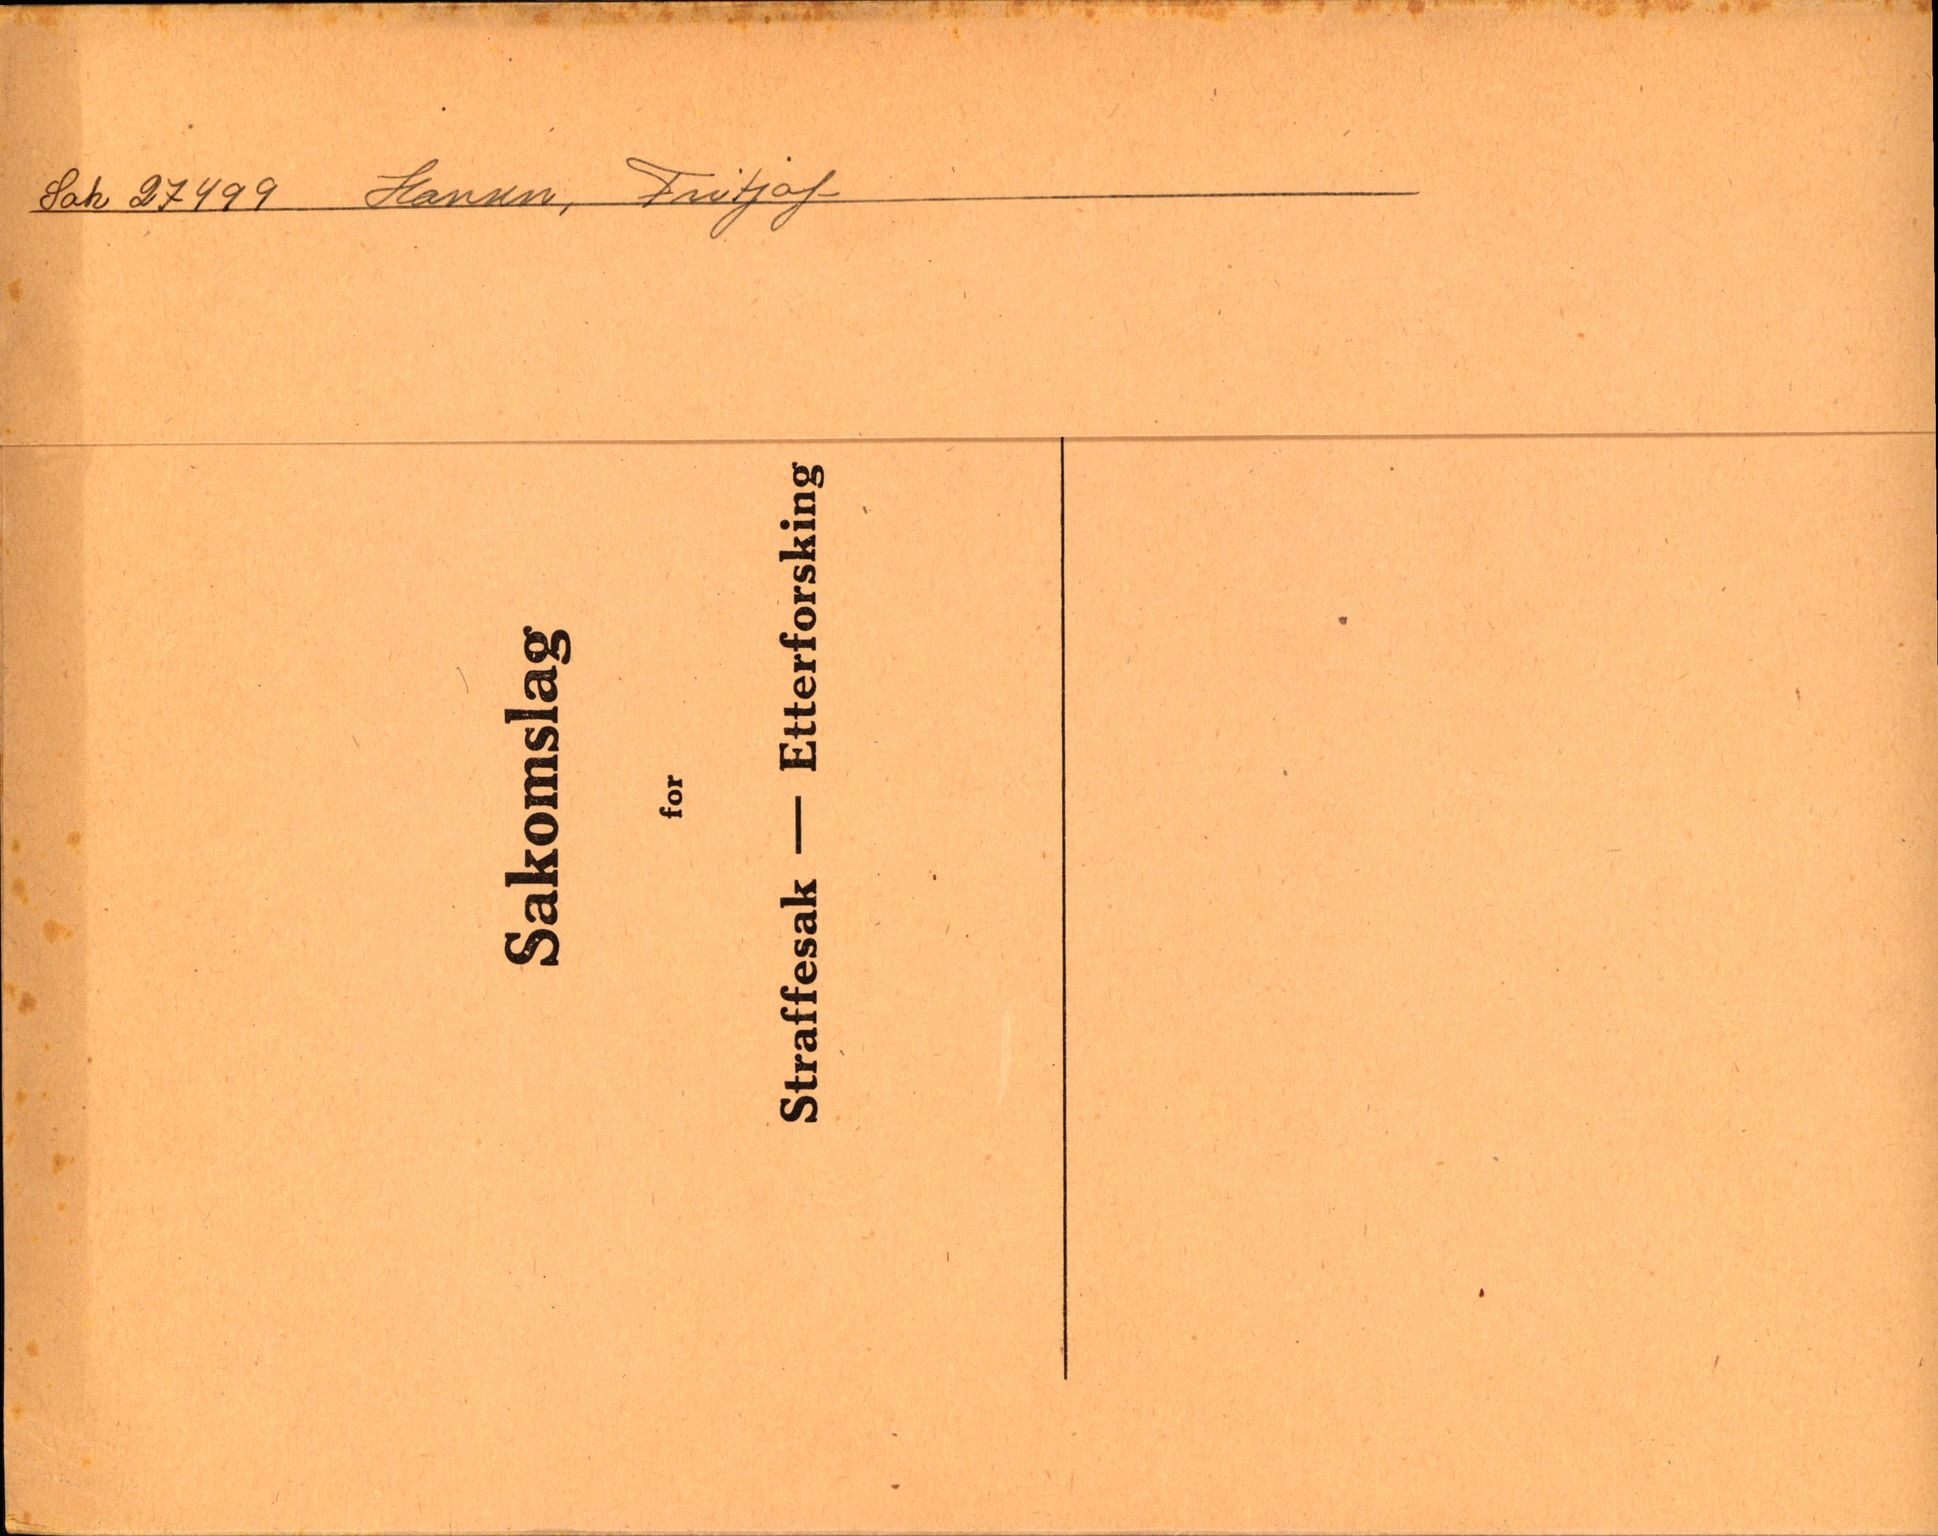 RA, Landssvikarkivet, Oslo politikammer, D/Dh/L0023: Henlagt døde, 1945-1947, s. 1